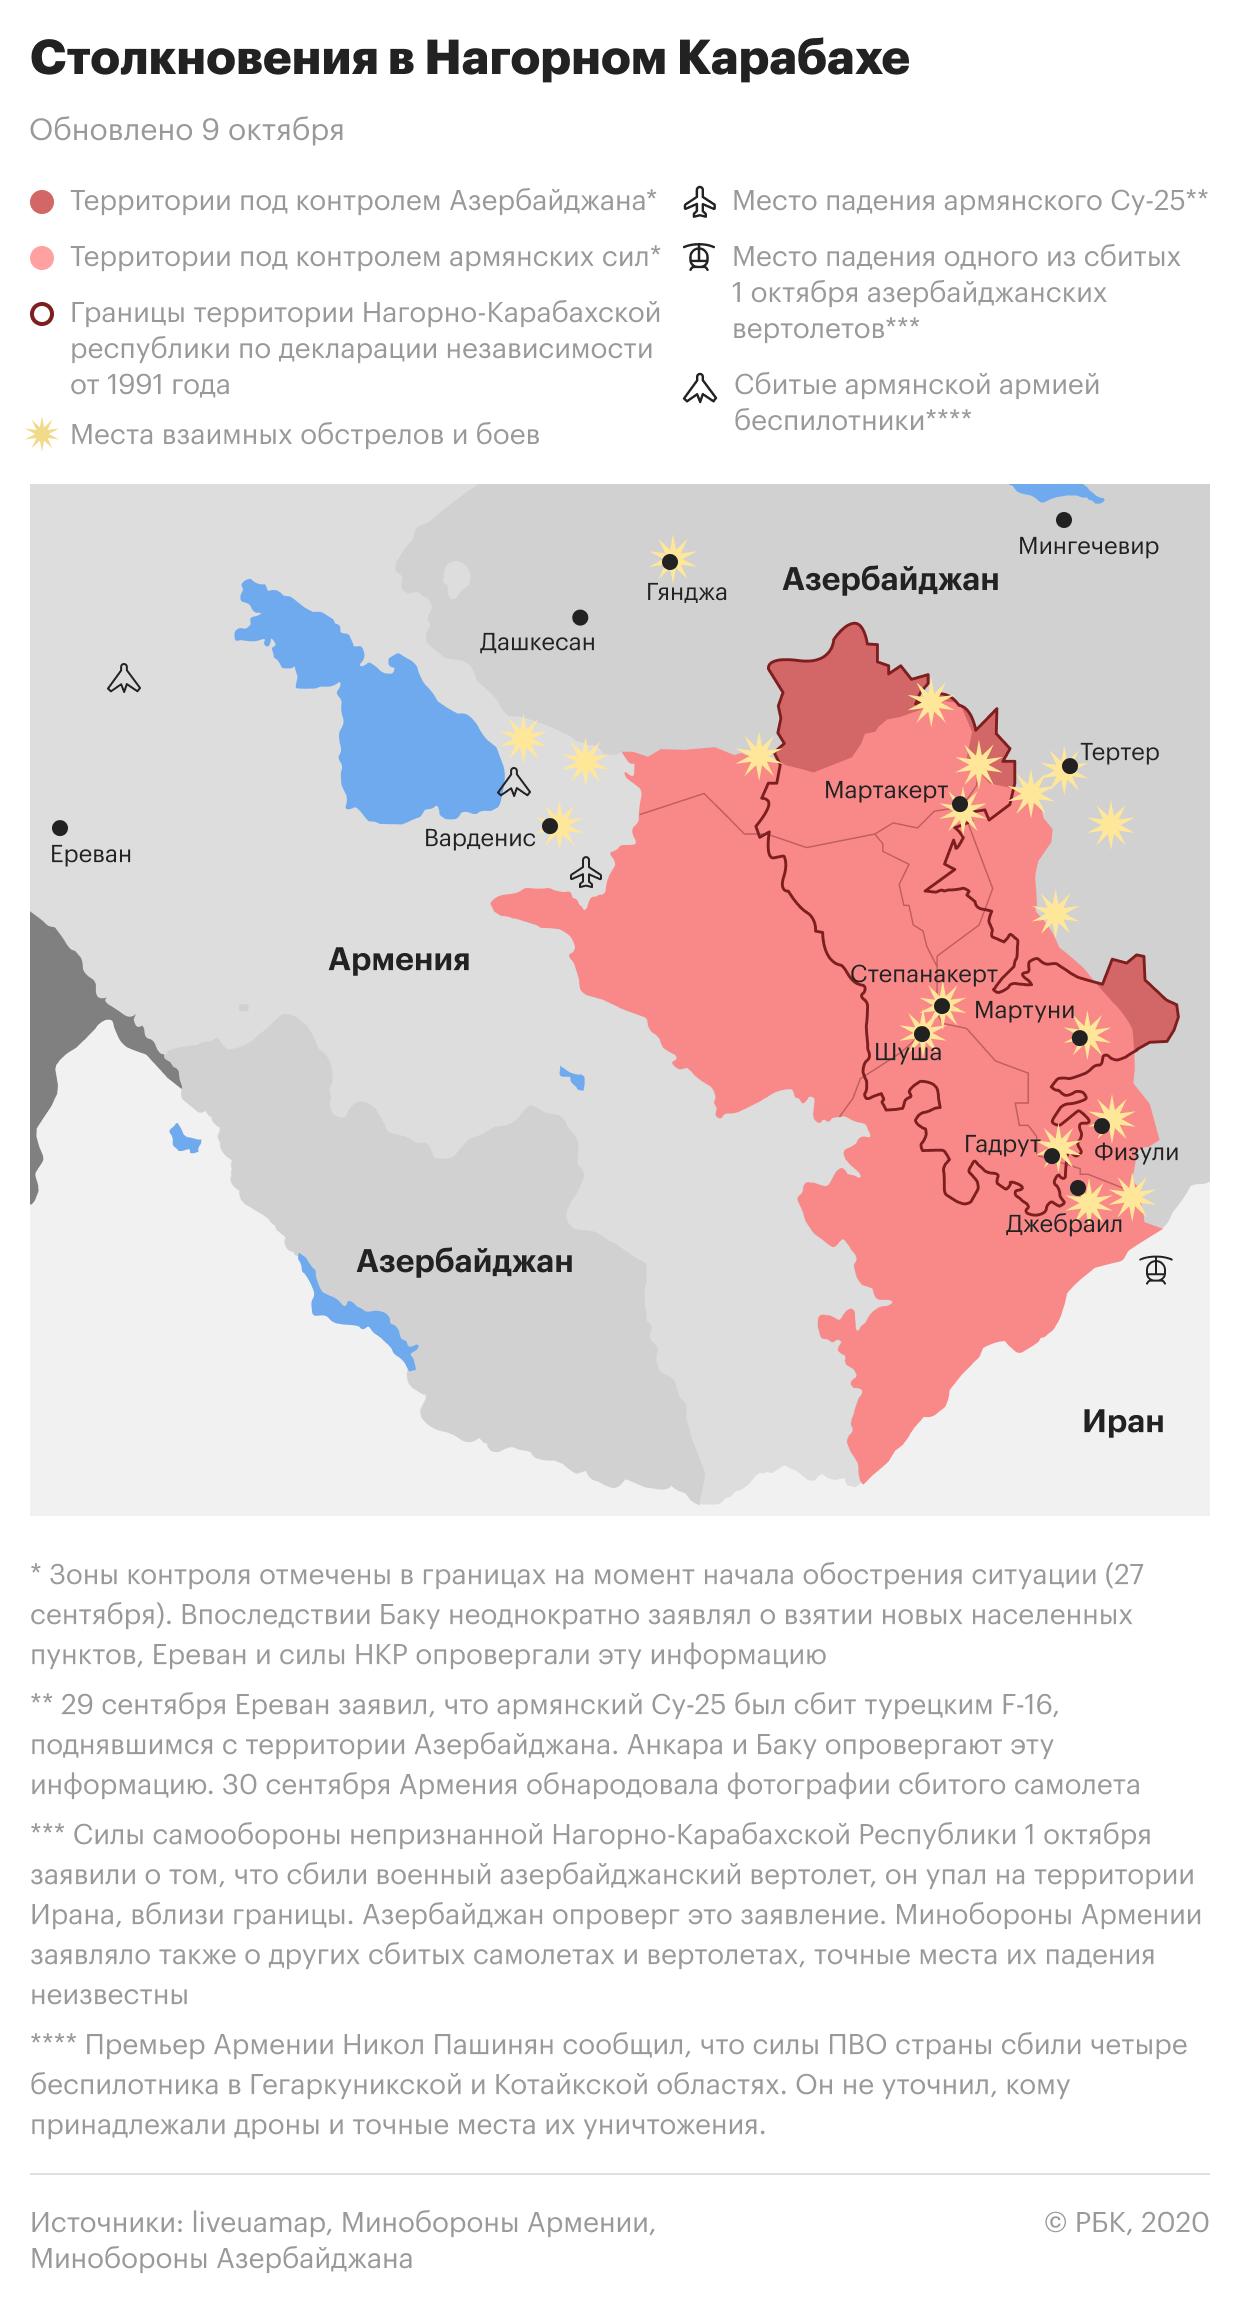 Обострение конфликта в Нагорном Карабахе. Карта на 9 октября